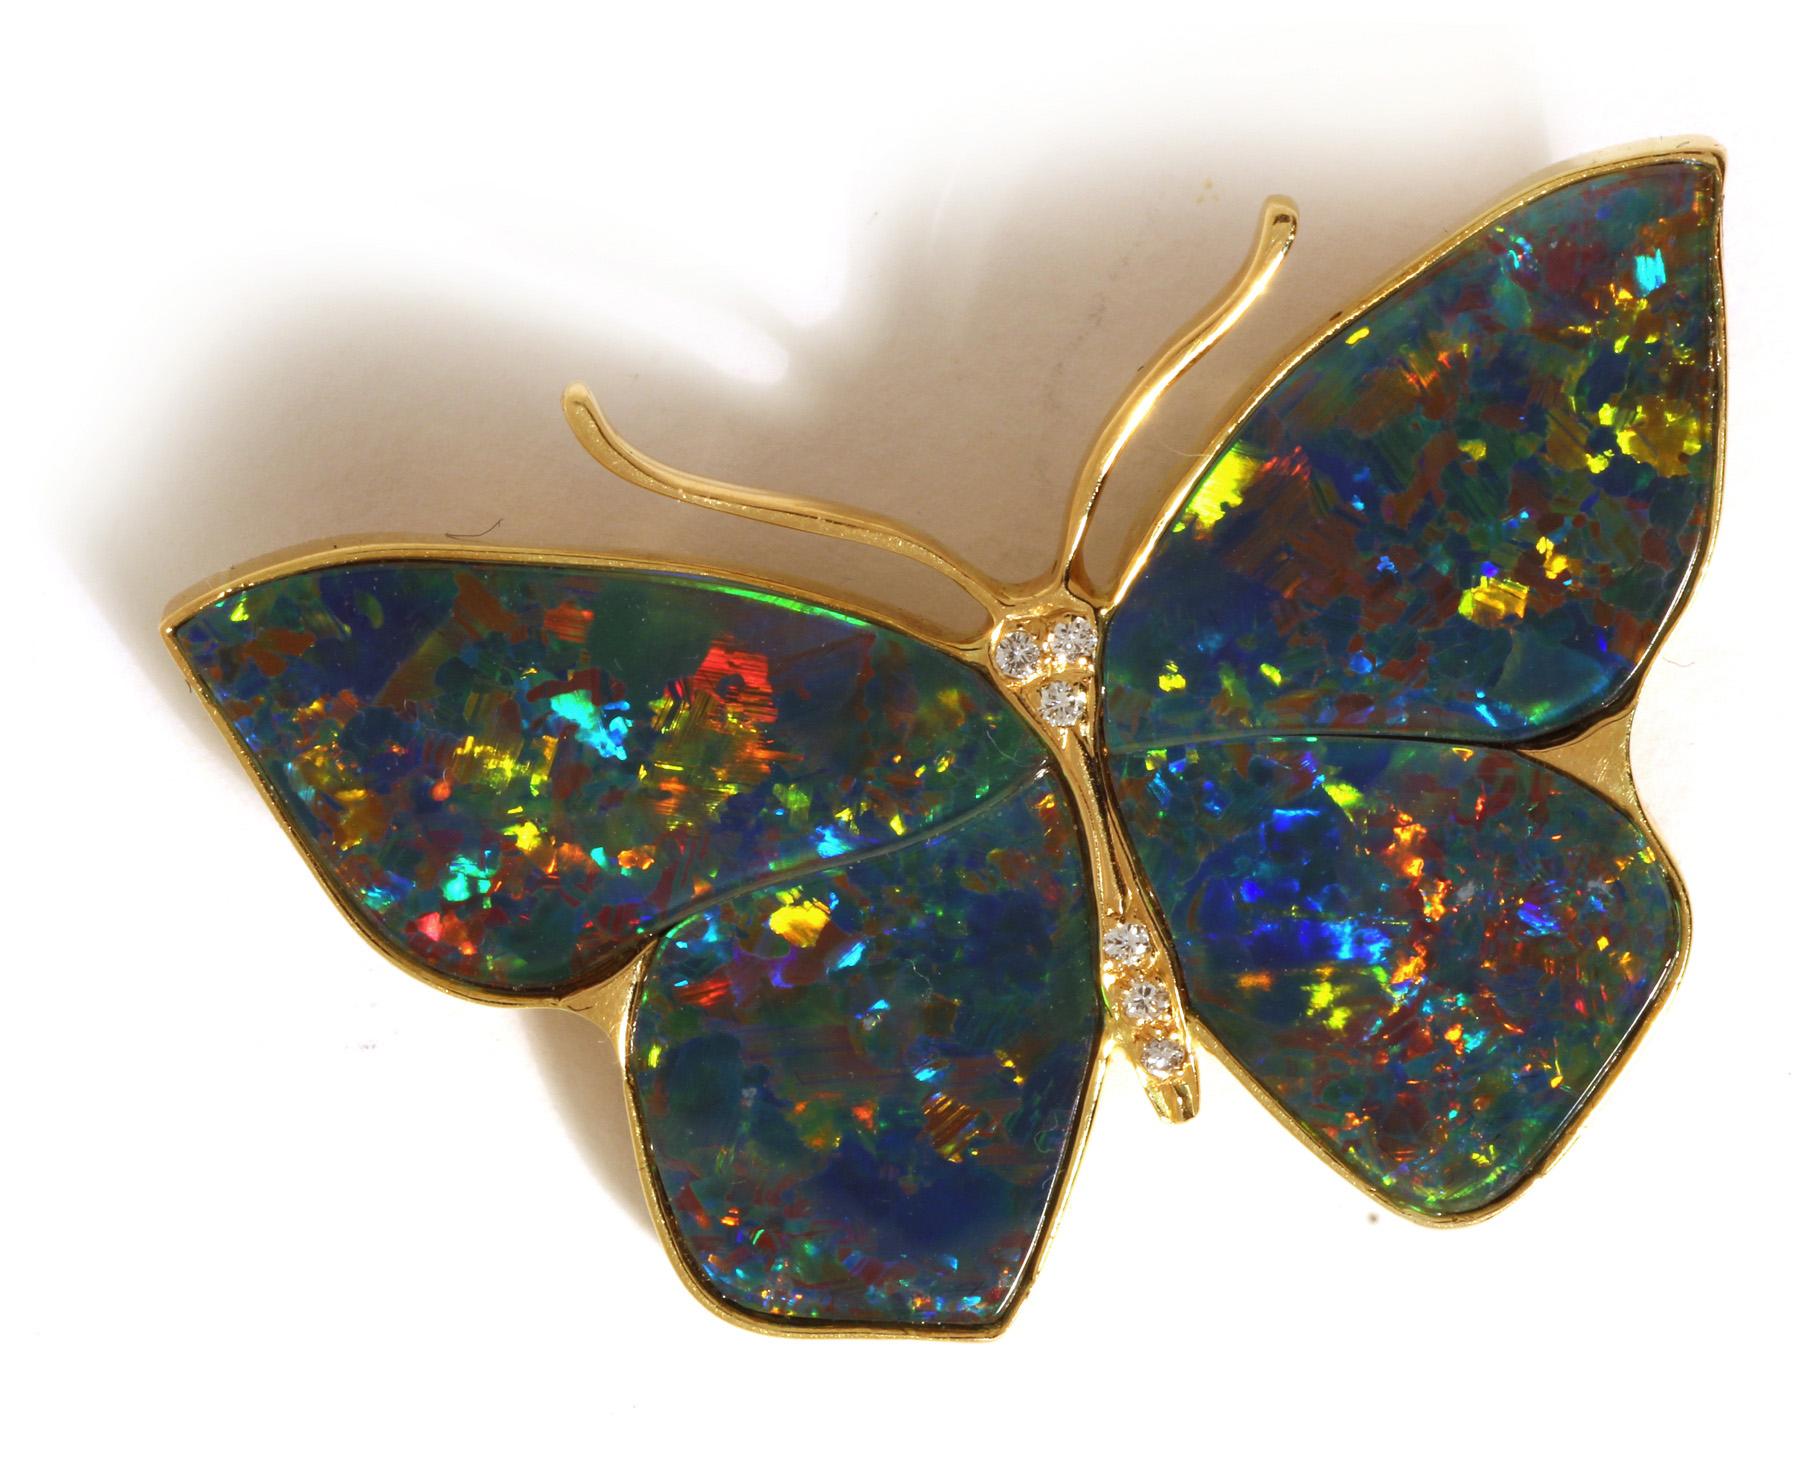 Opale schmuck  angebote auf Waterige